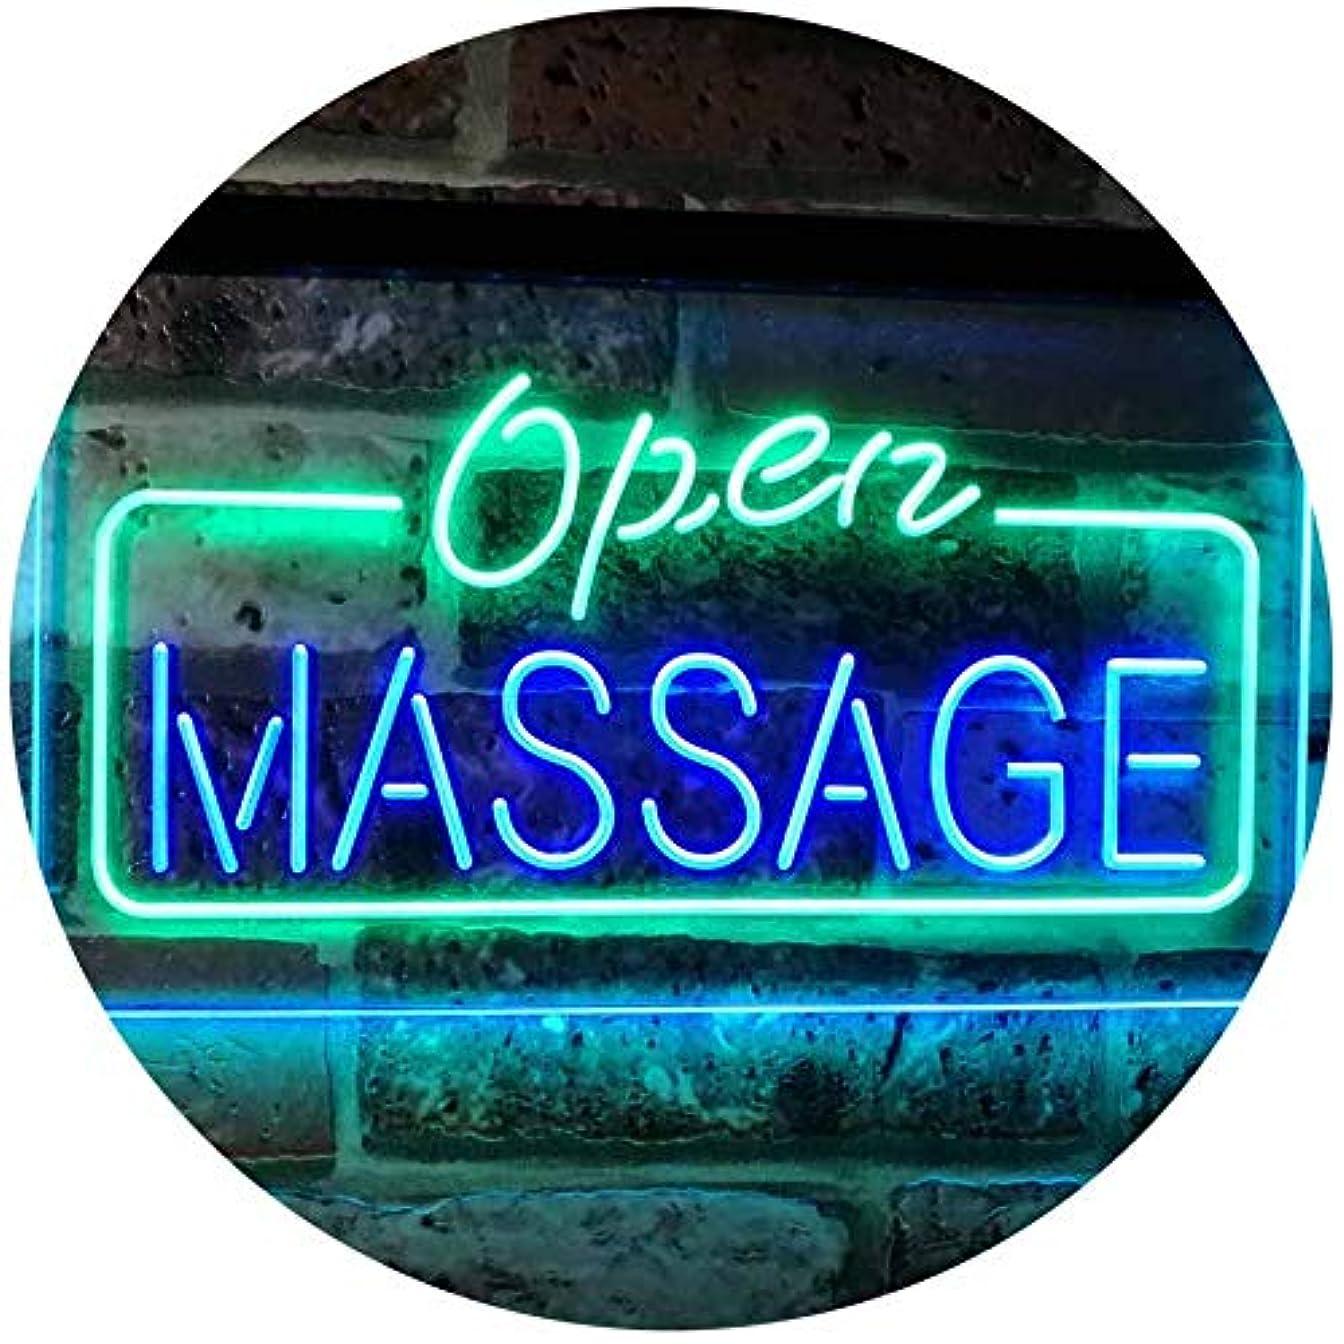 寺院ワーディアンケース陪審Massage Therapy Open Walk-In-Welcome Display Body Care Dual Color LED看板 ネオンプレート サイン 標識 緑色 + 青色 400 x 300mm st6s43-i0365-gb